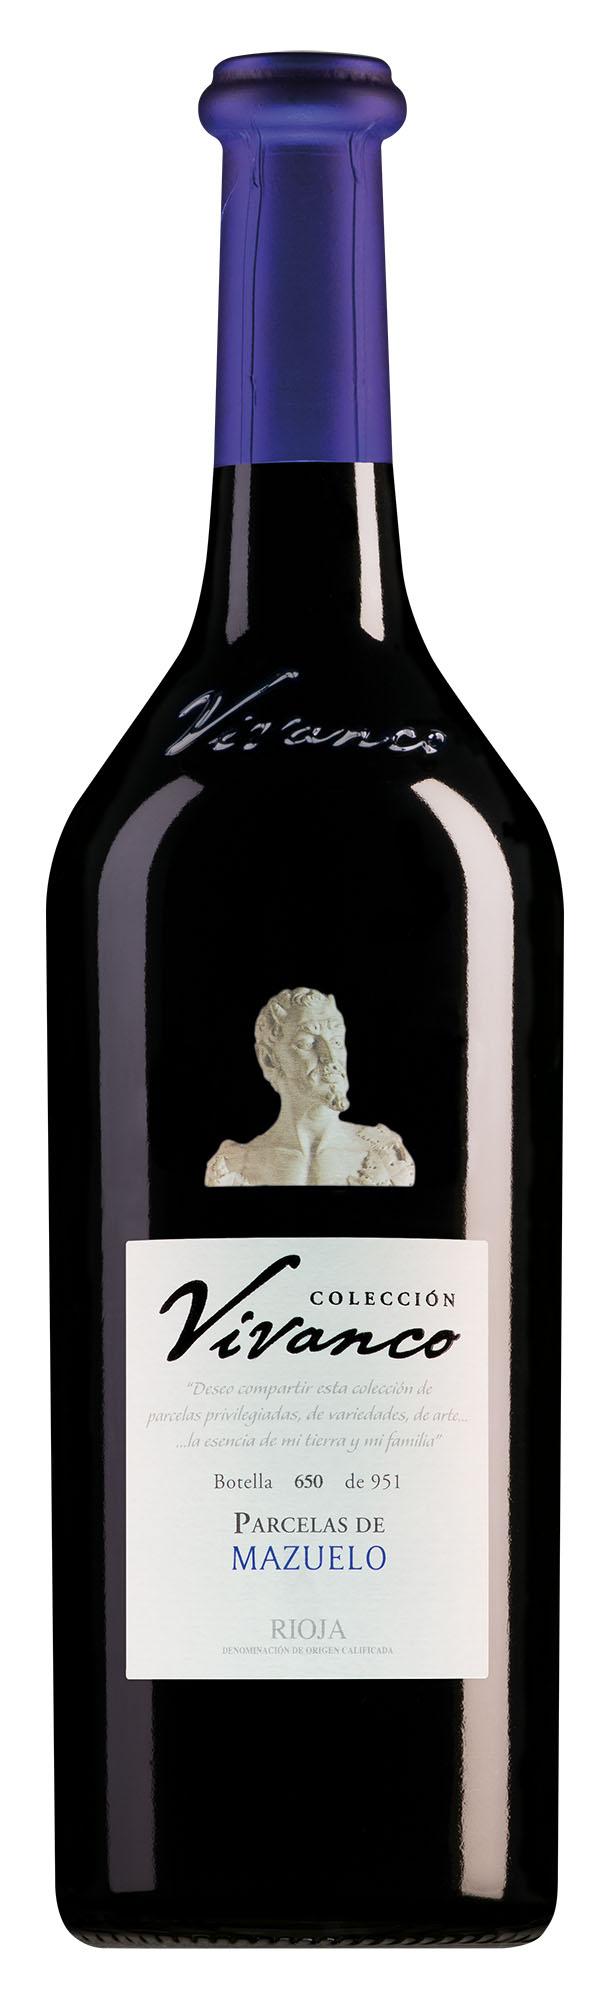 Vivanco Rioja Colección Parcelas de Mazuelo